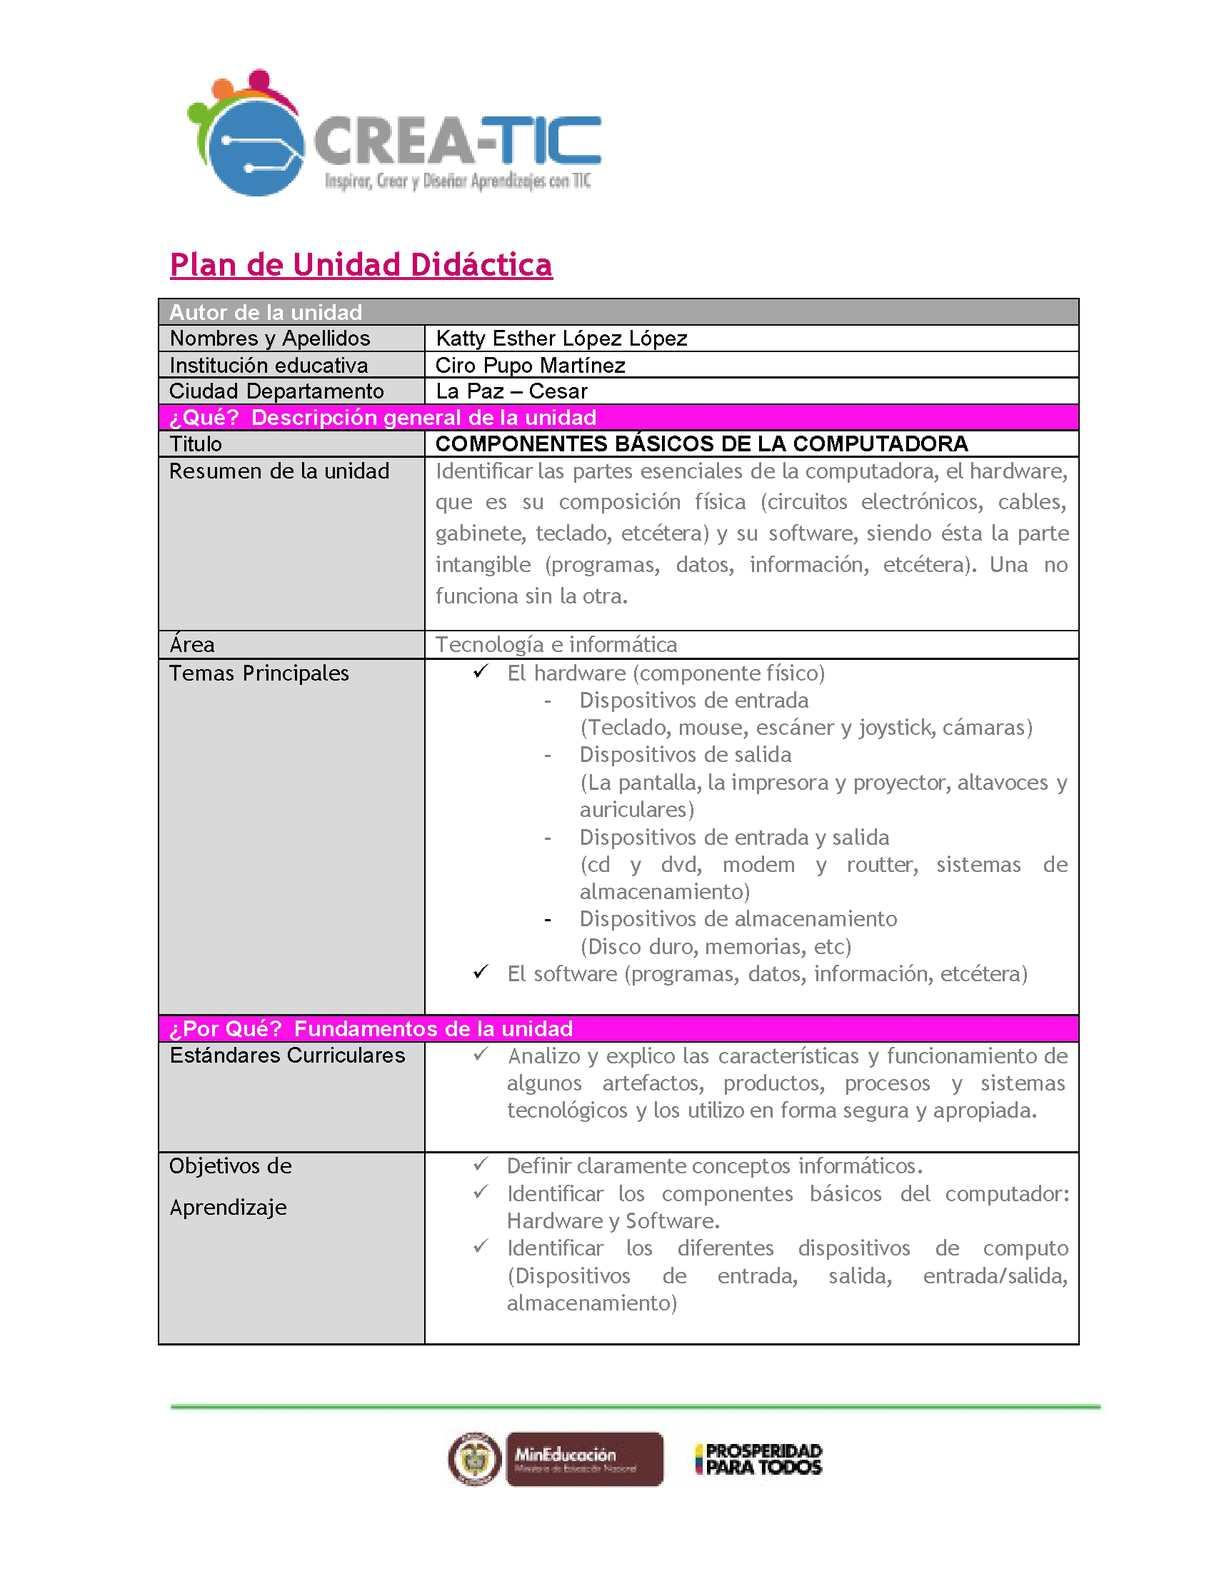 Plan unidad didactica